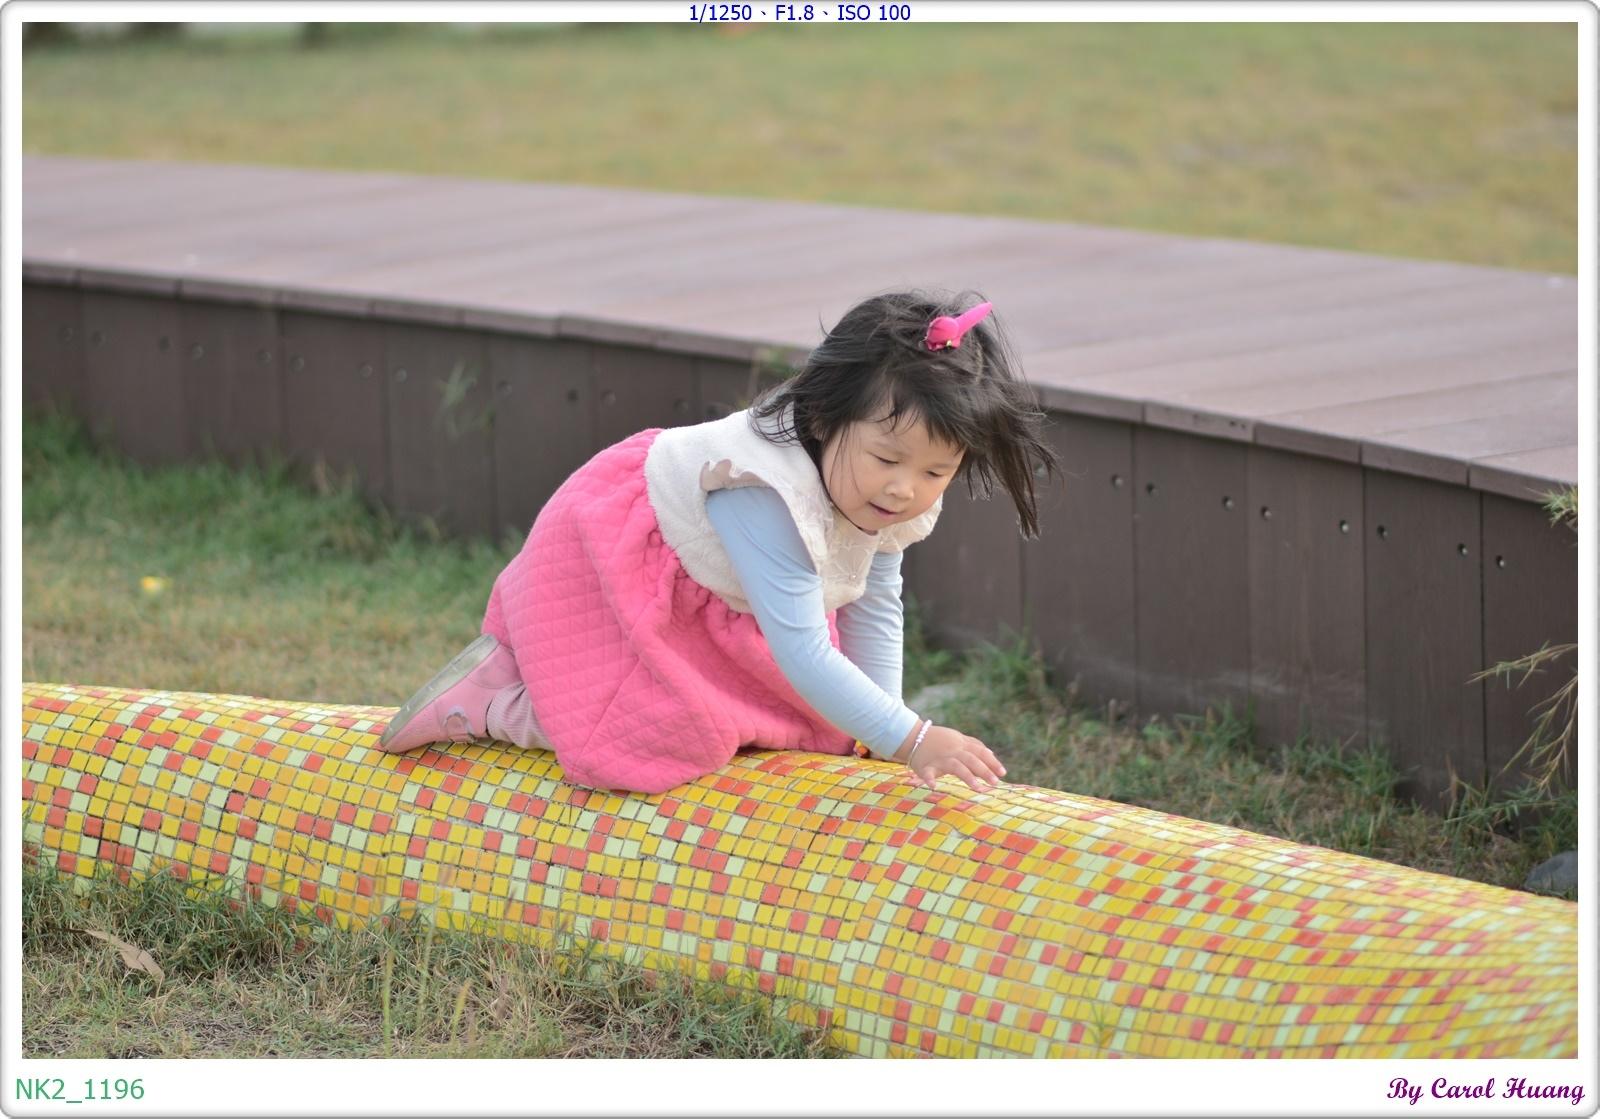 NK2_1196.JPG